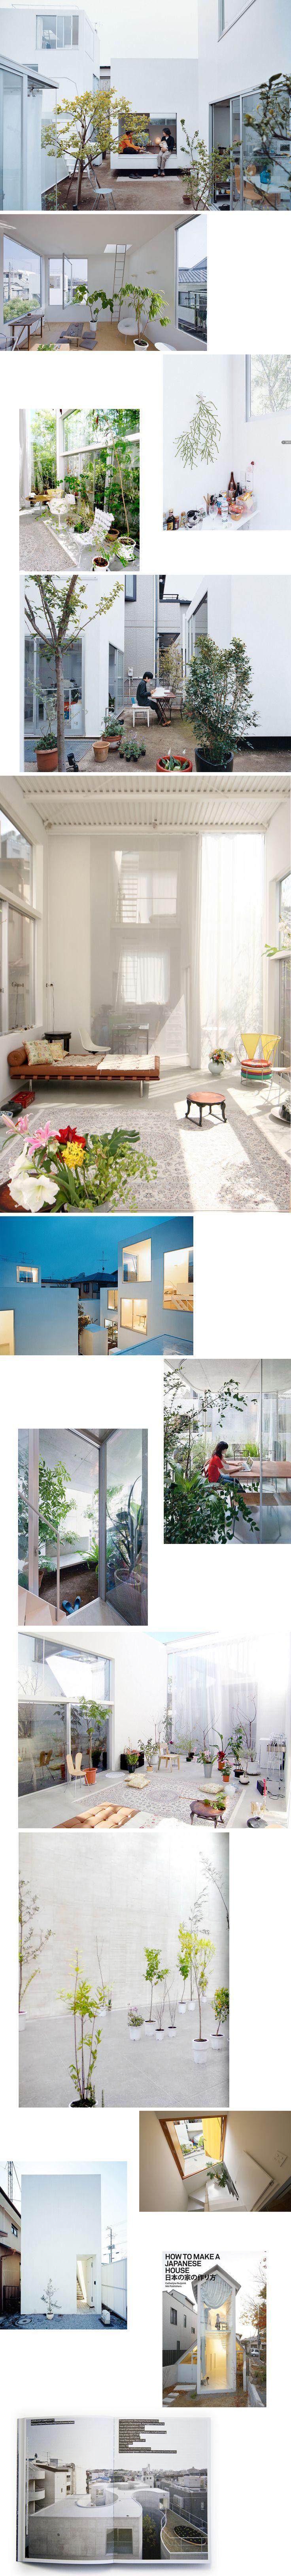 studioattenzione_Ryue-Nishizawa.jpg (980×8671)